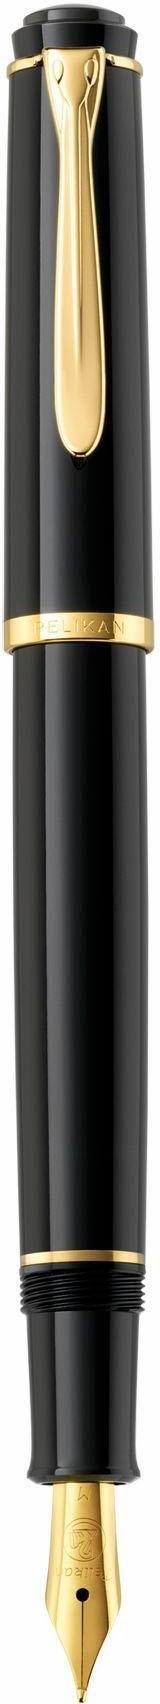 Pelikan vulpen, »Classic P 200, zwart, vergulde edelstalen punt, schrijfpuntbreedte M« goedkoop op otto.nl kopen